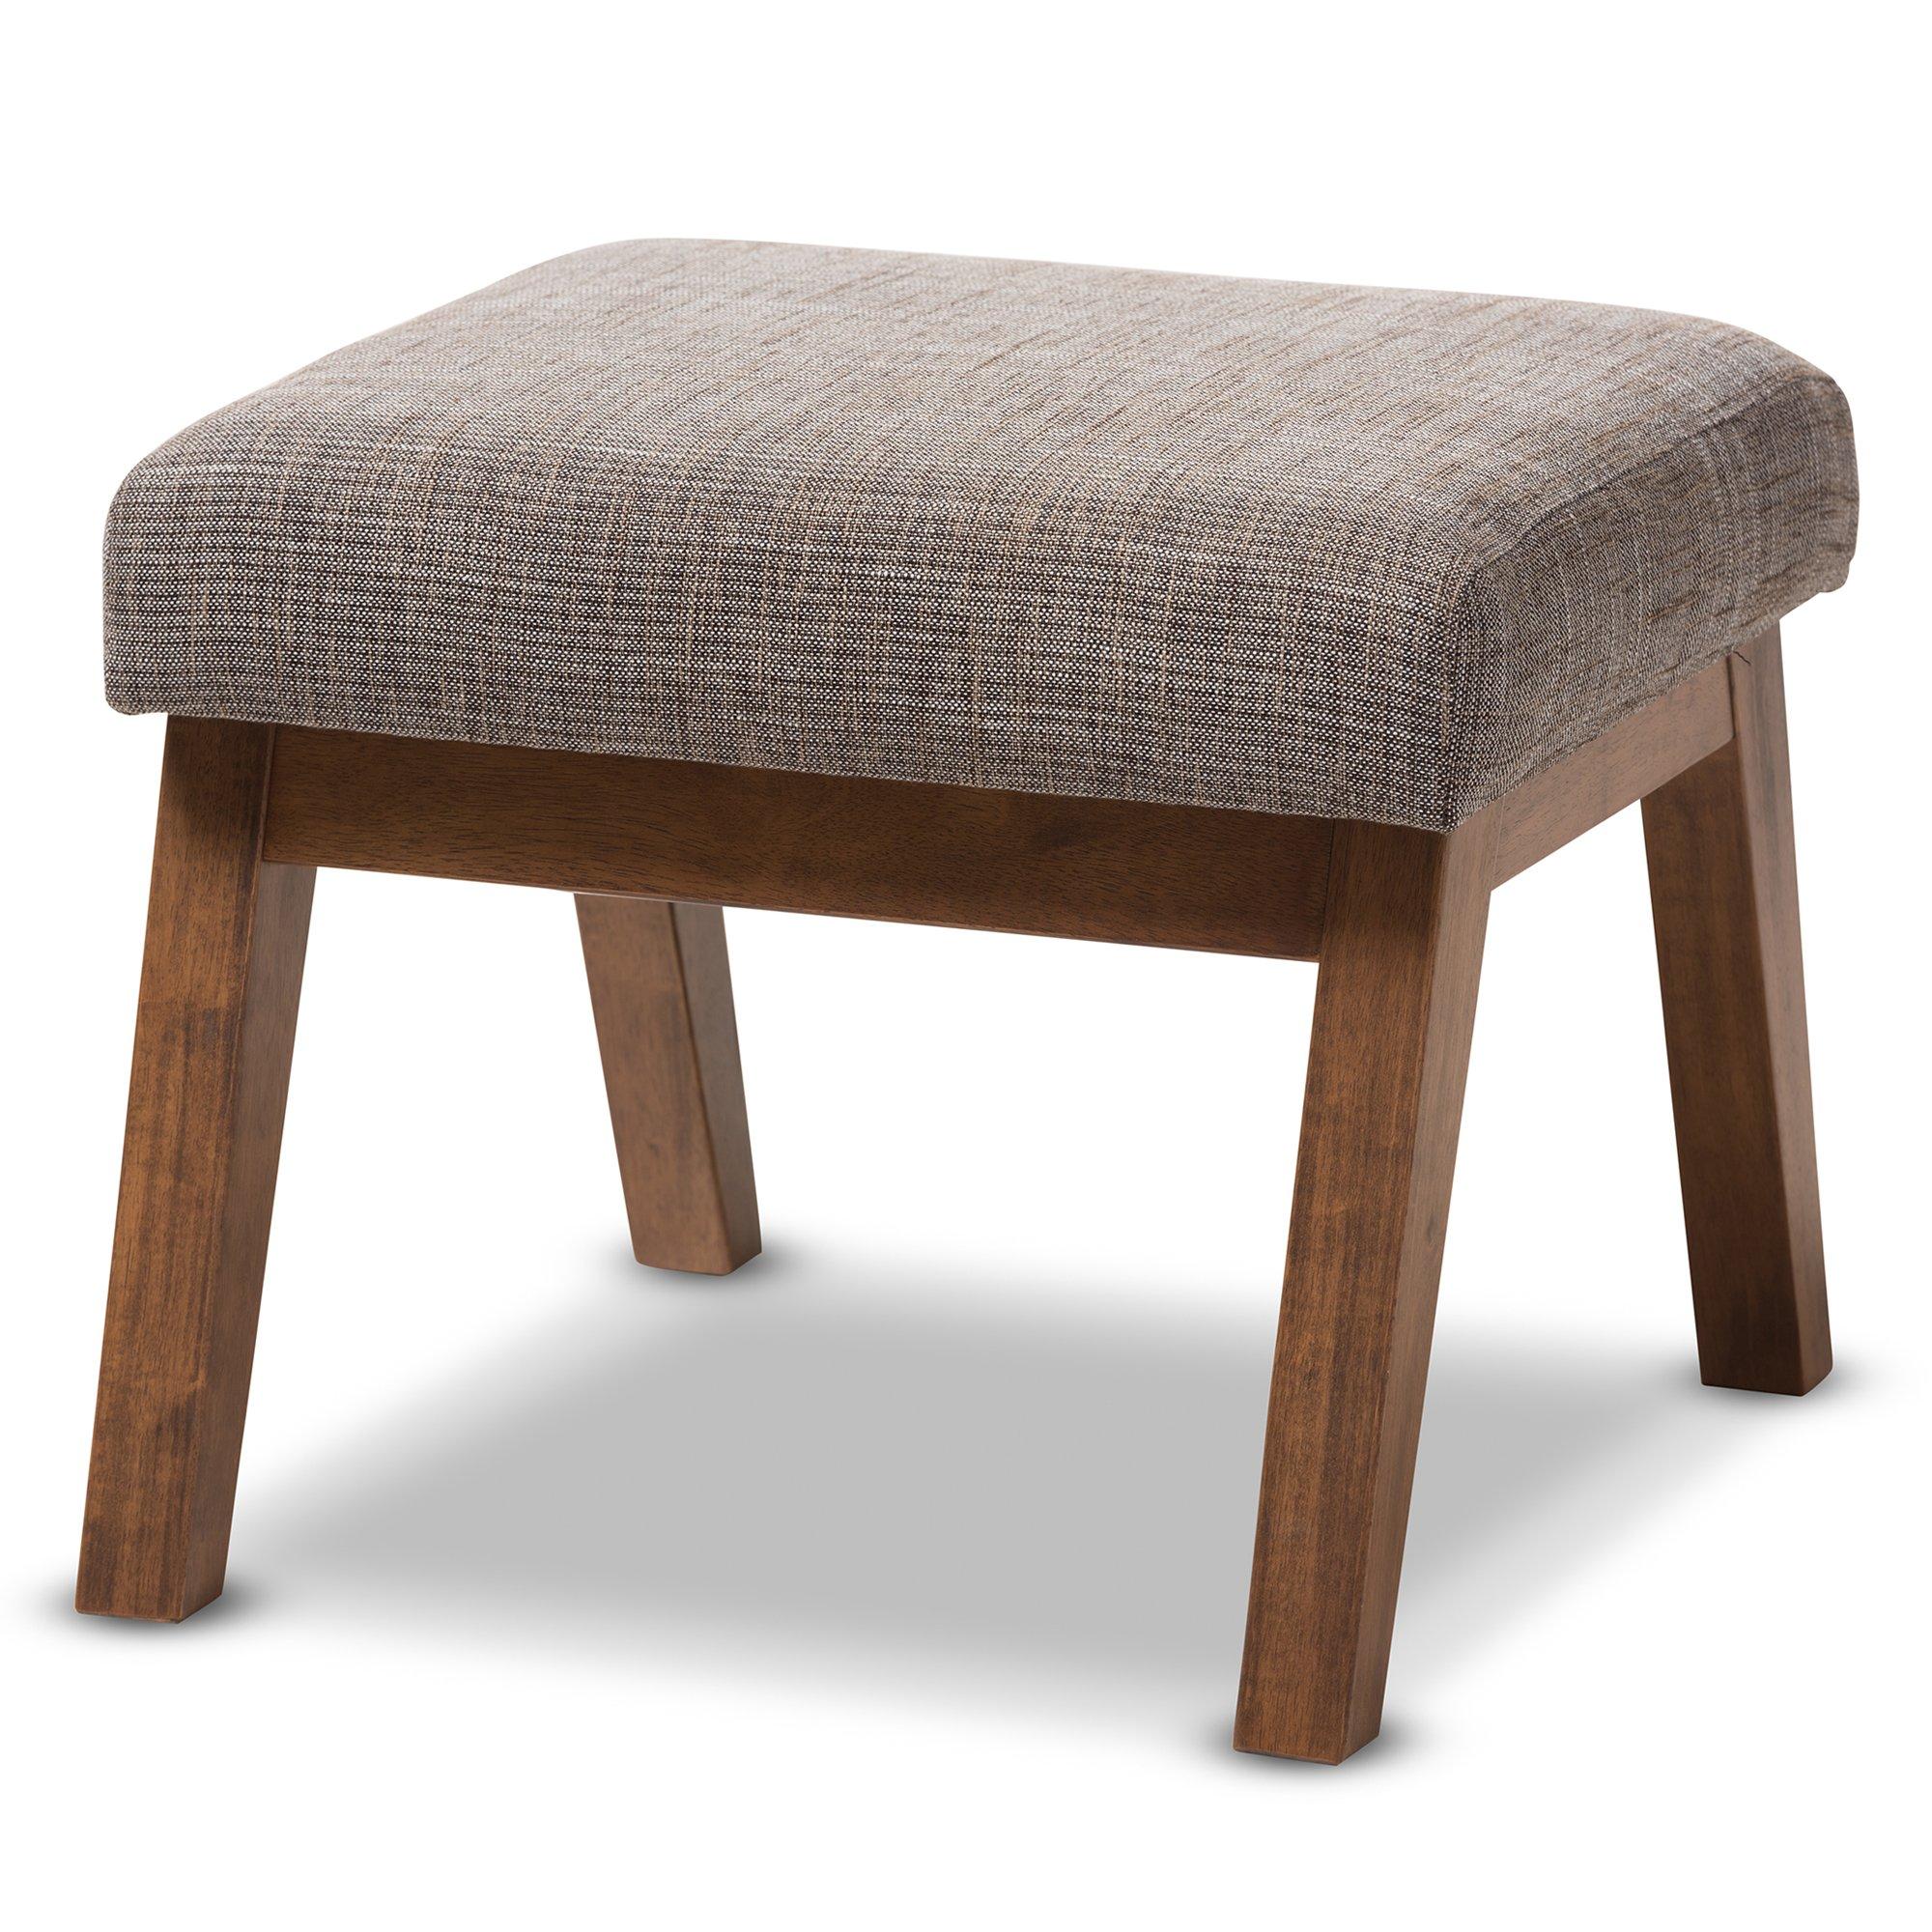 Baxton Studio Brienne Gravel Fabric Walnut Wood Ottoman